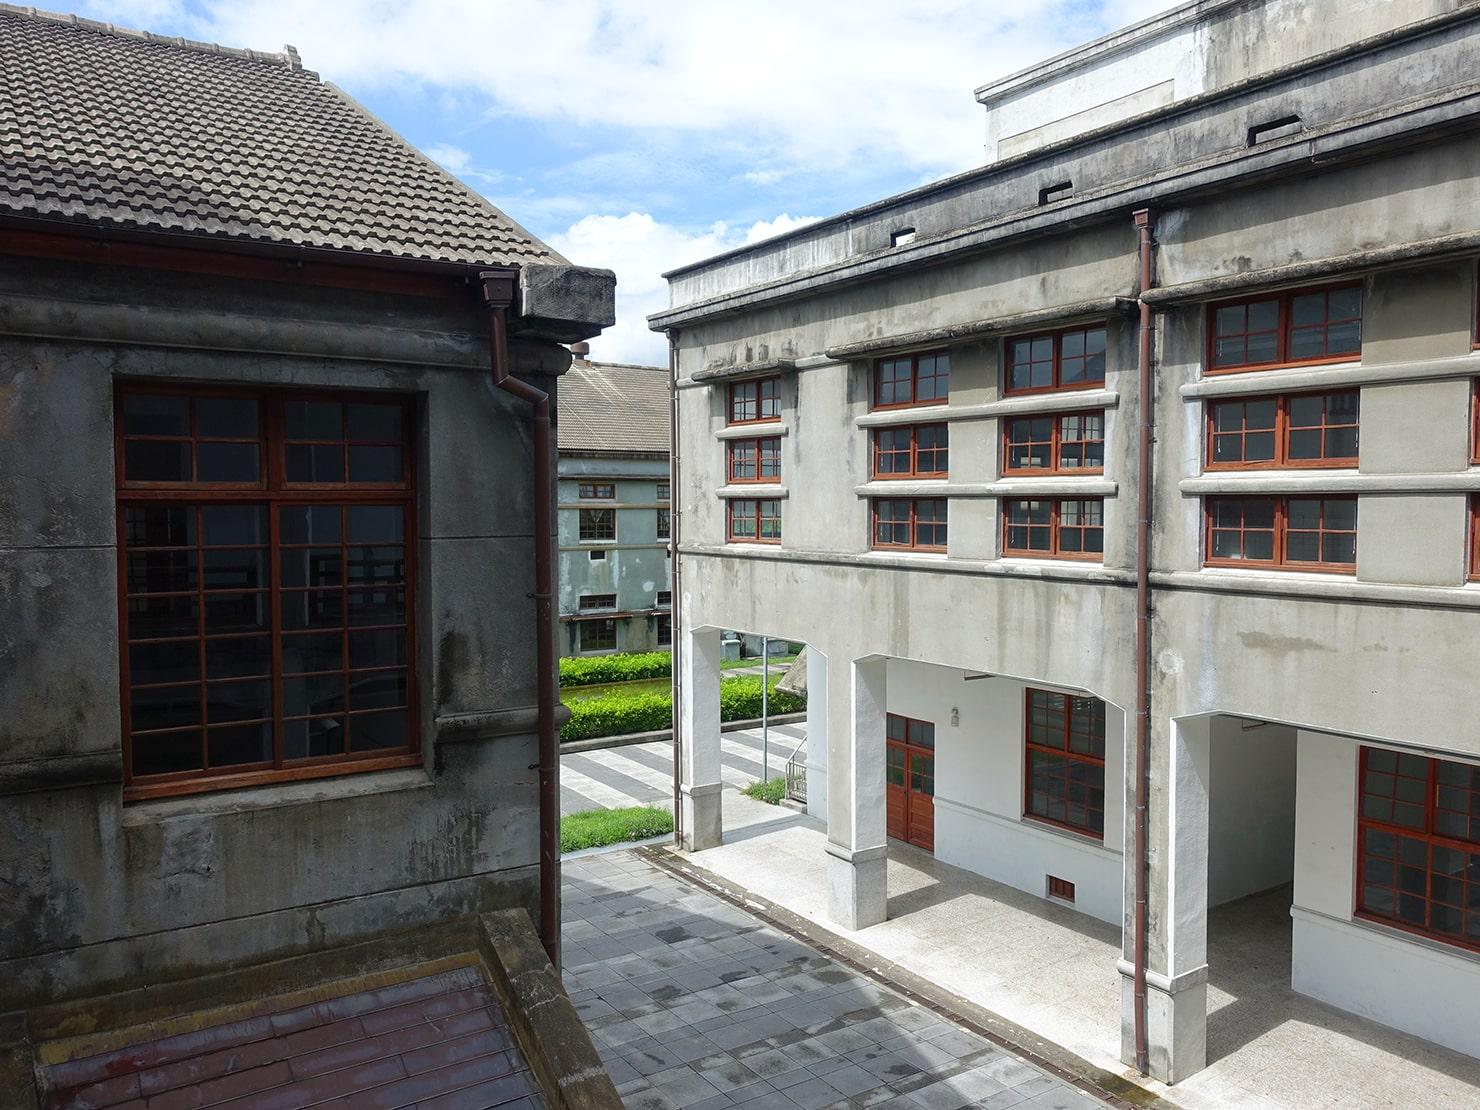 台湾・花蓮のおすすめ観光スポット「a-zone花蓮文化創意產業園區」の建物群